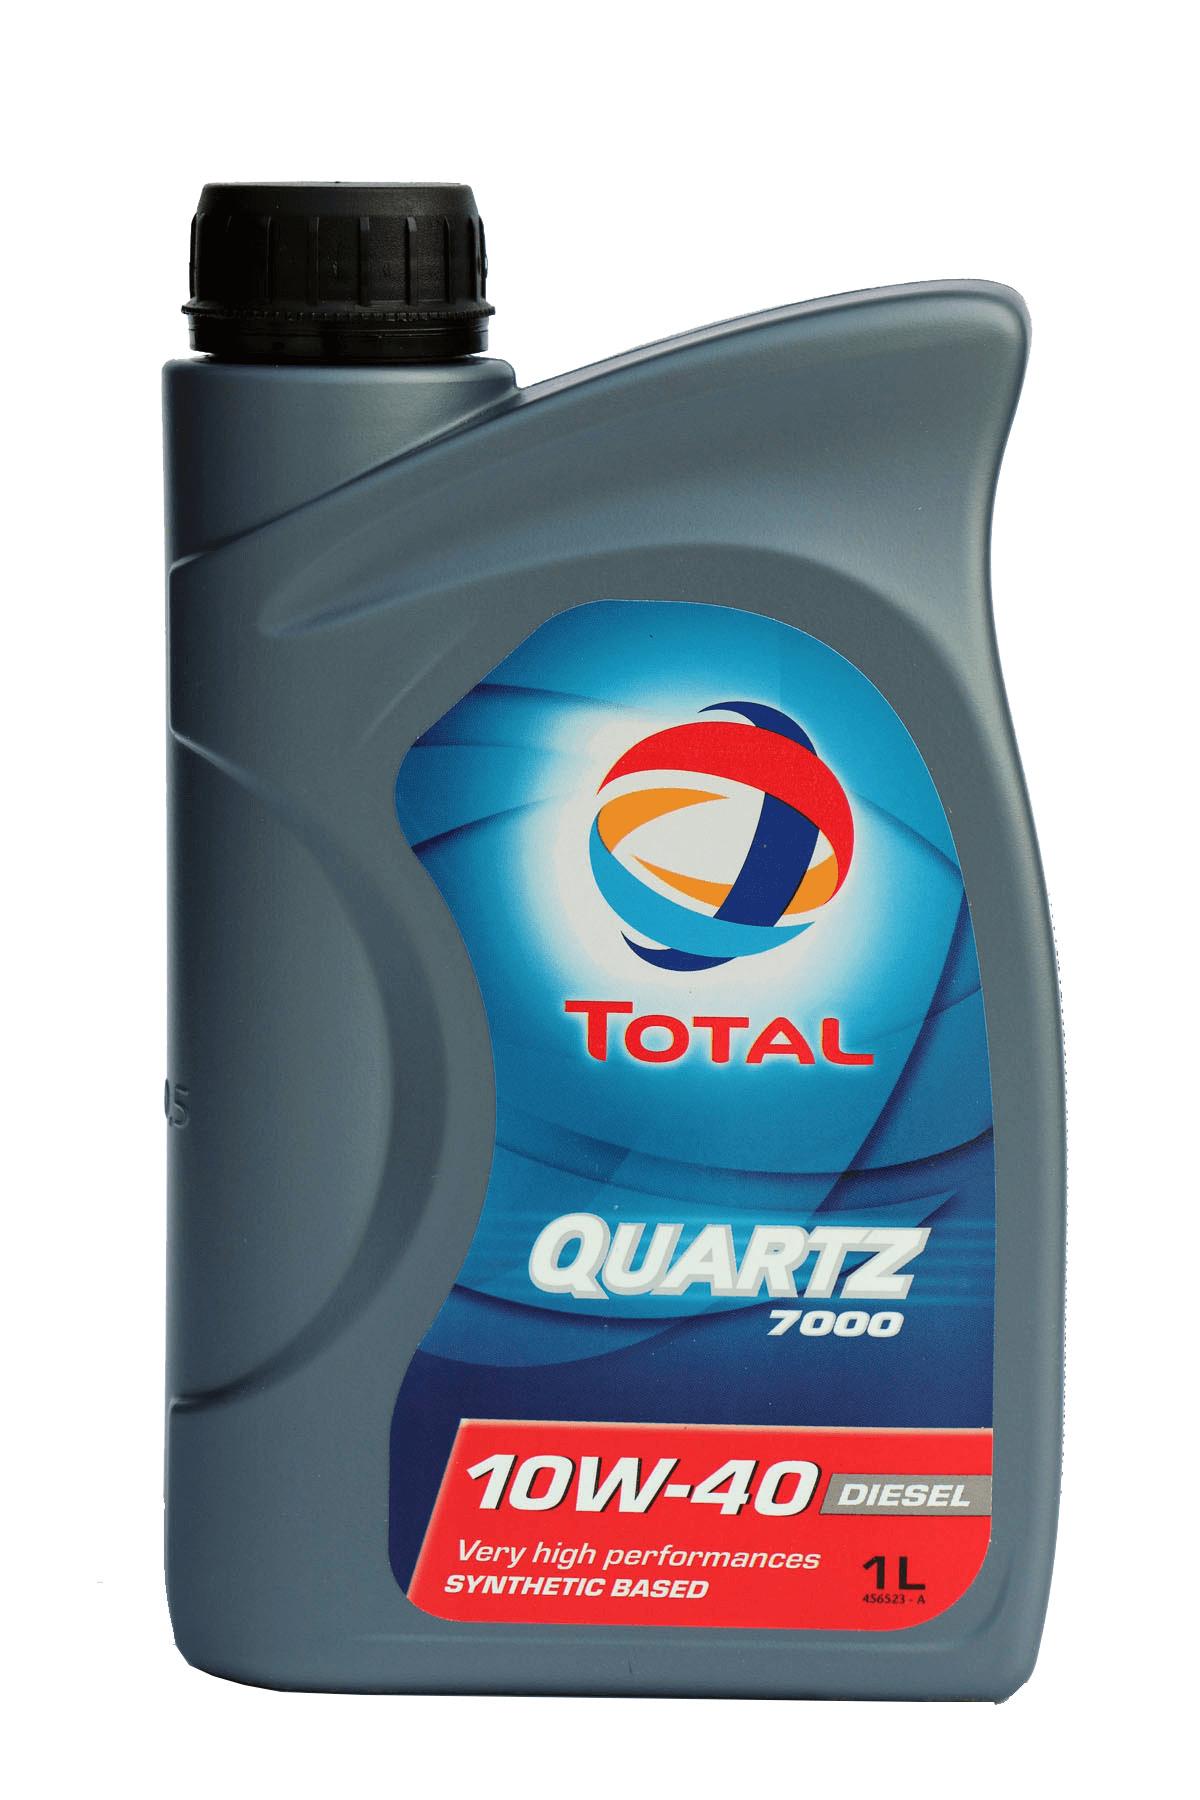 Total Quartz 7000 Diesel 10W-40 Motoröl, 1l